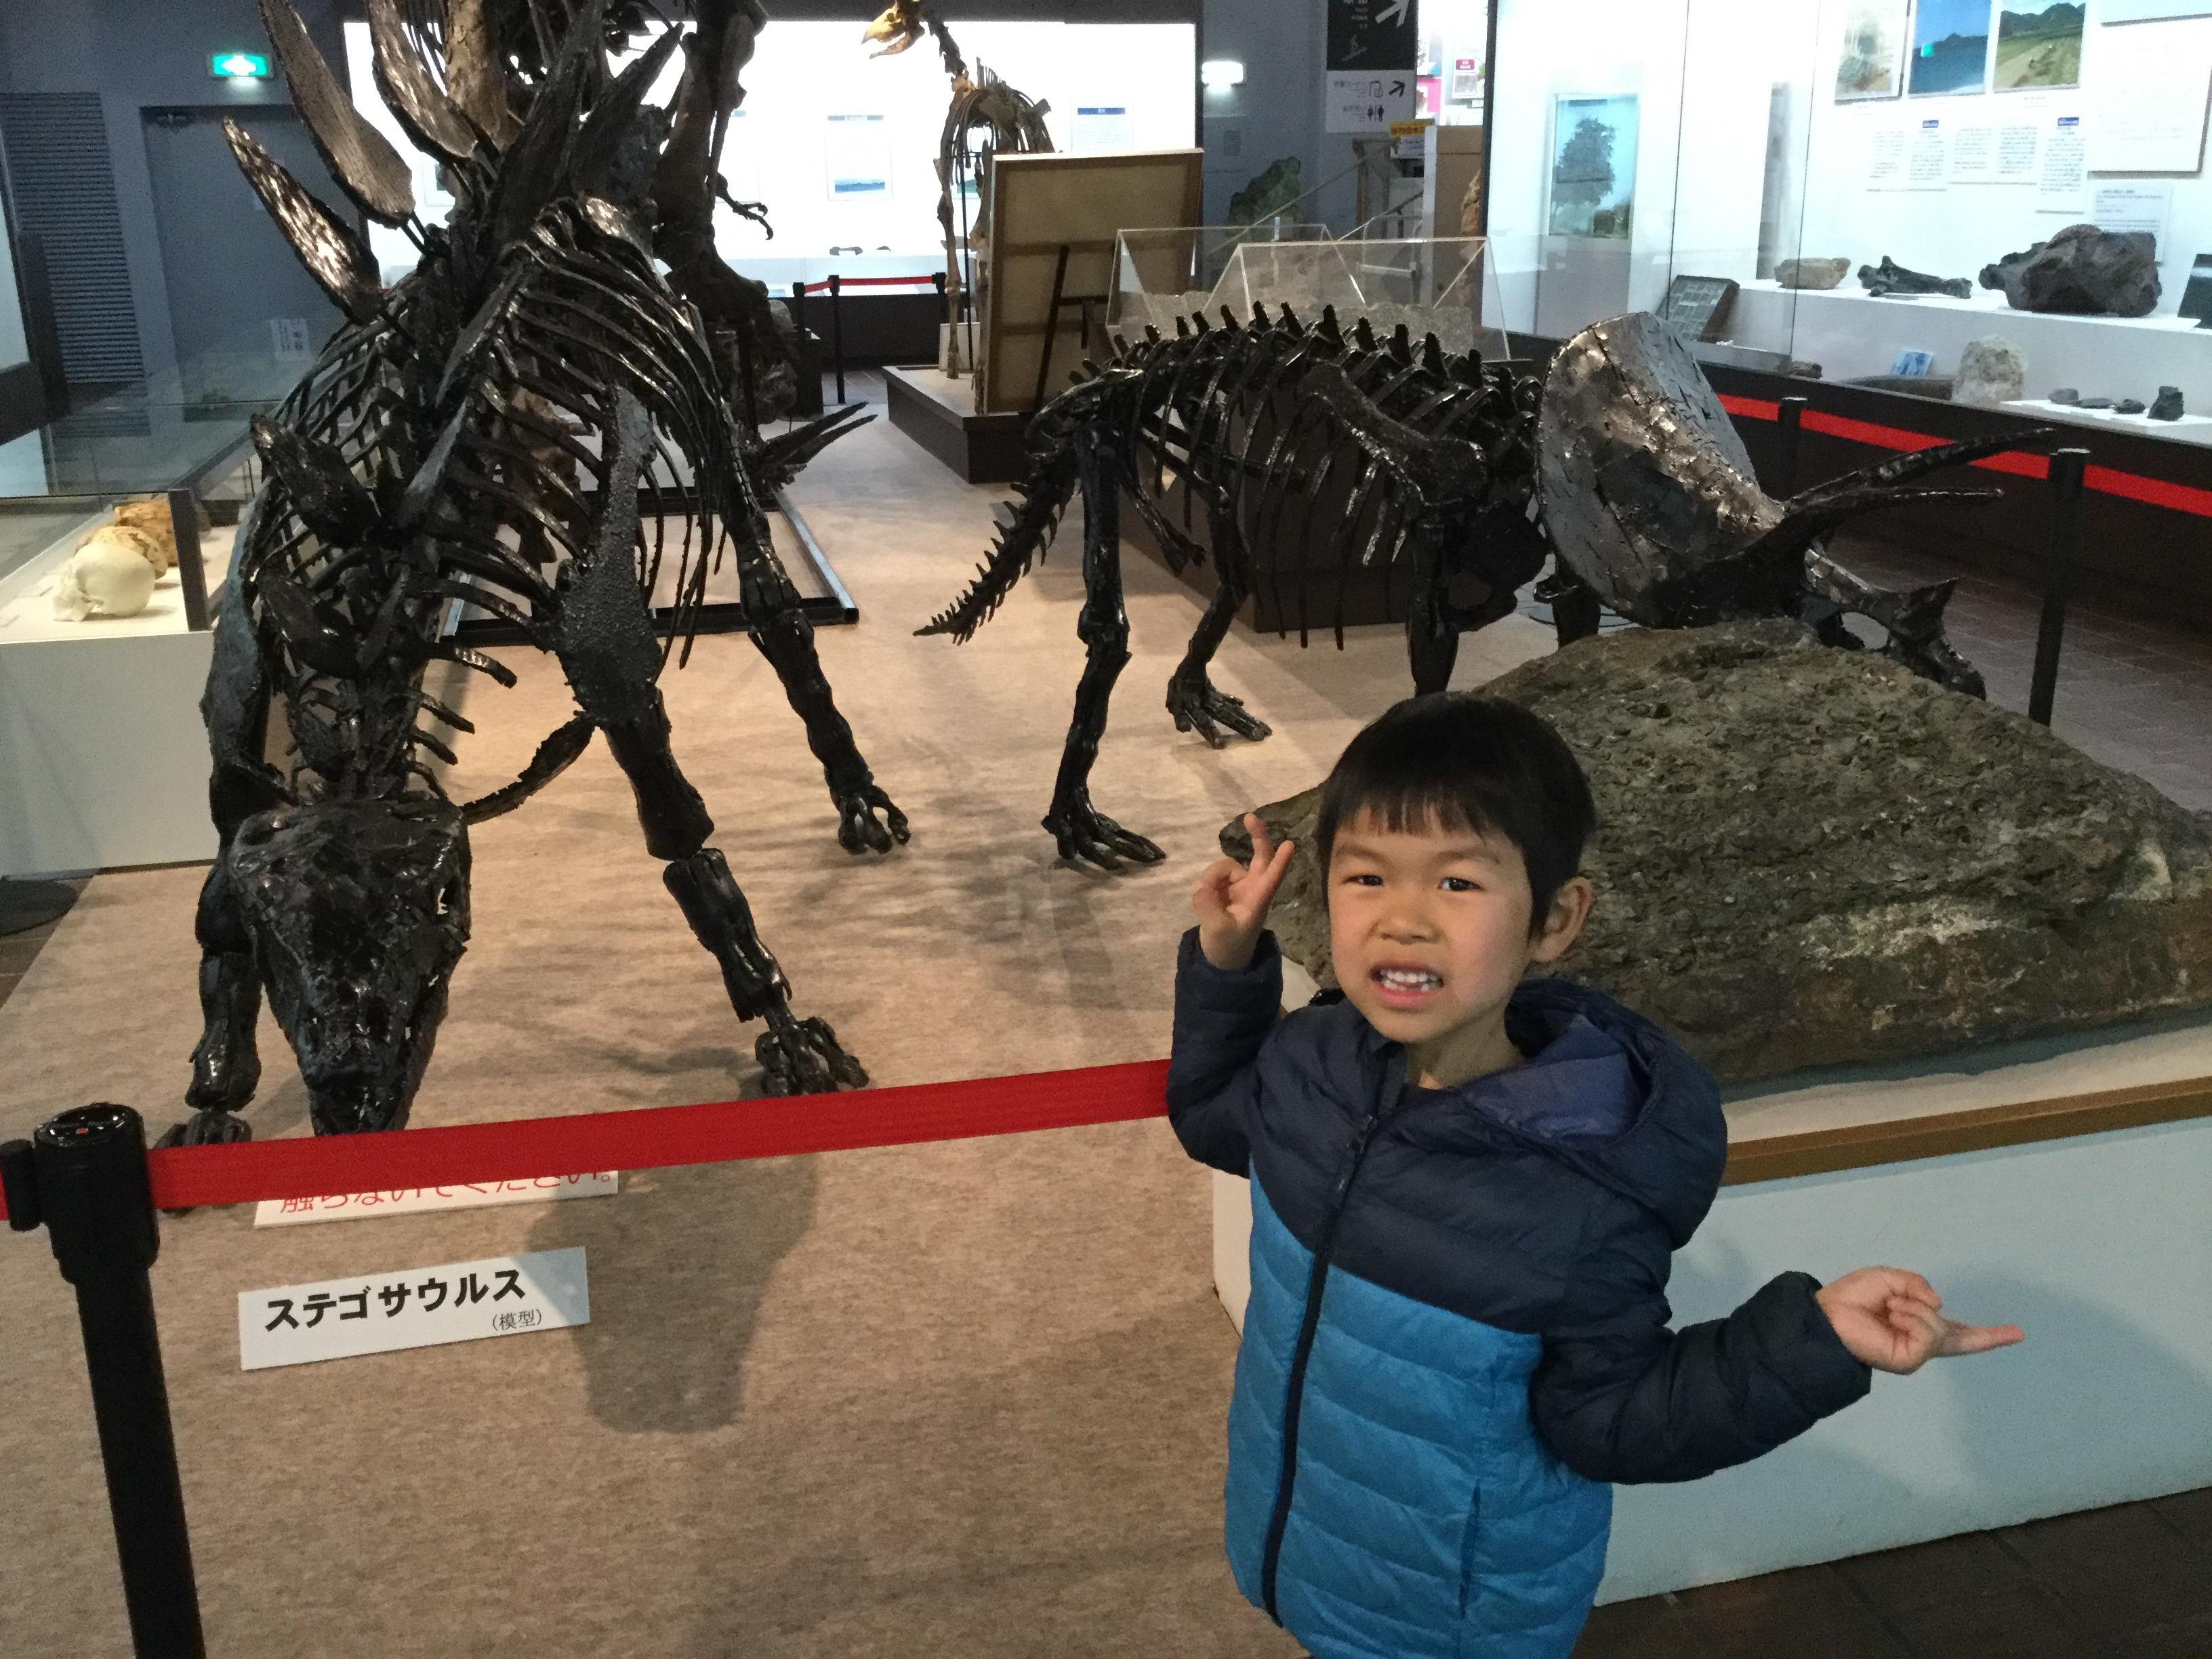 超久しぶりの山口博物館